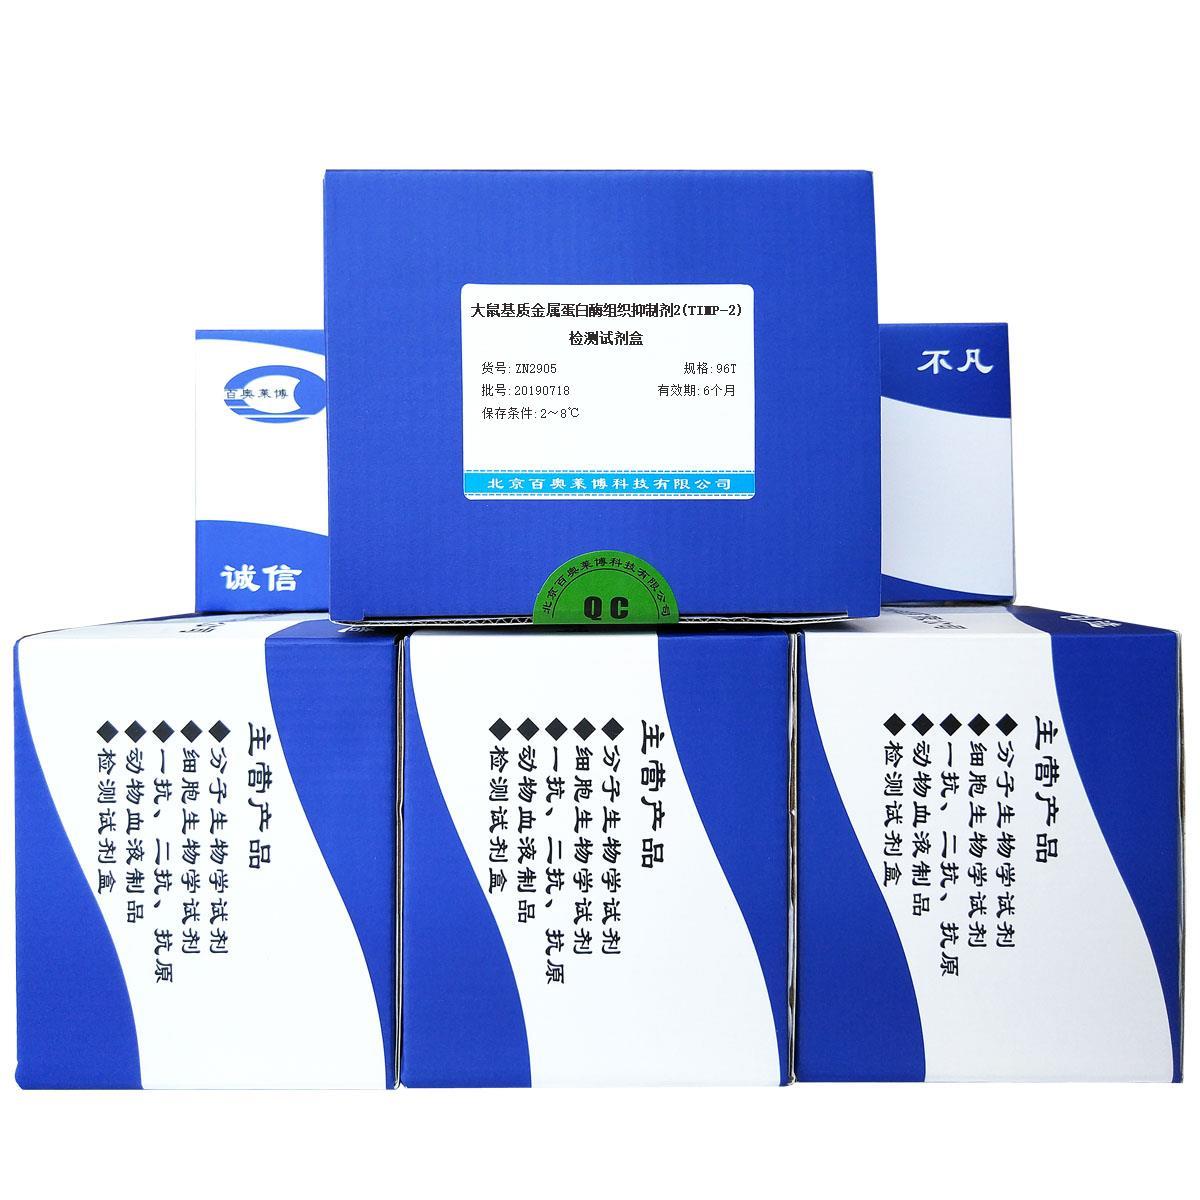 大鼠基质金属蛋白酶组织抑制剂2(TIMP-2)检测试剂盒